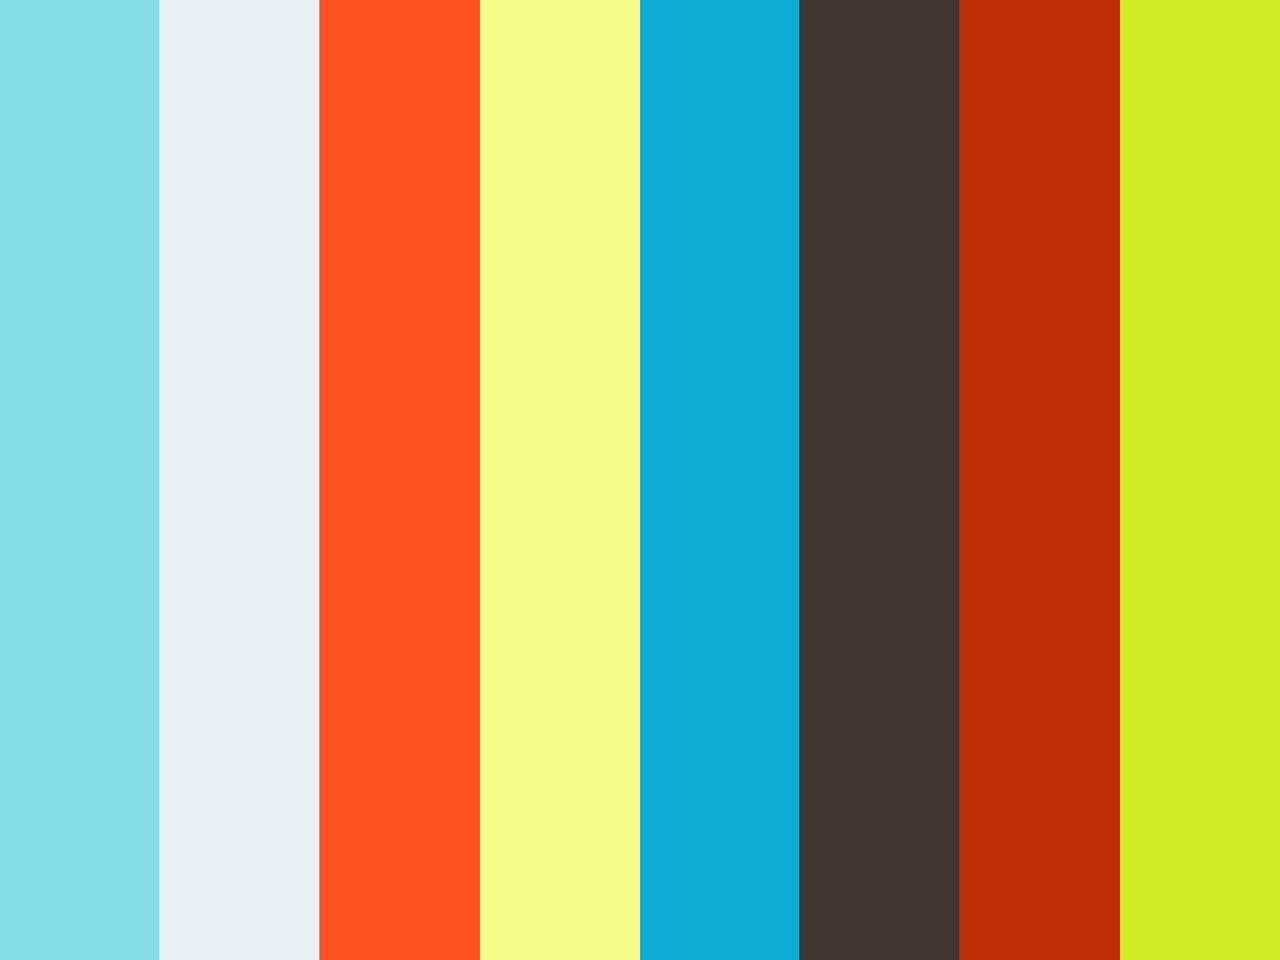 Consumer segmentation | Segment 04